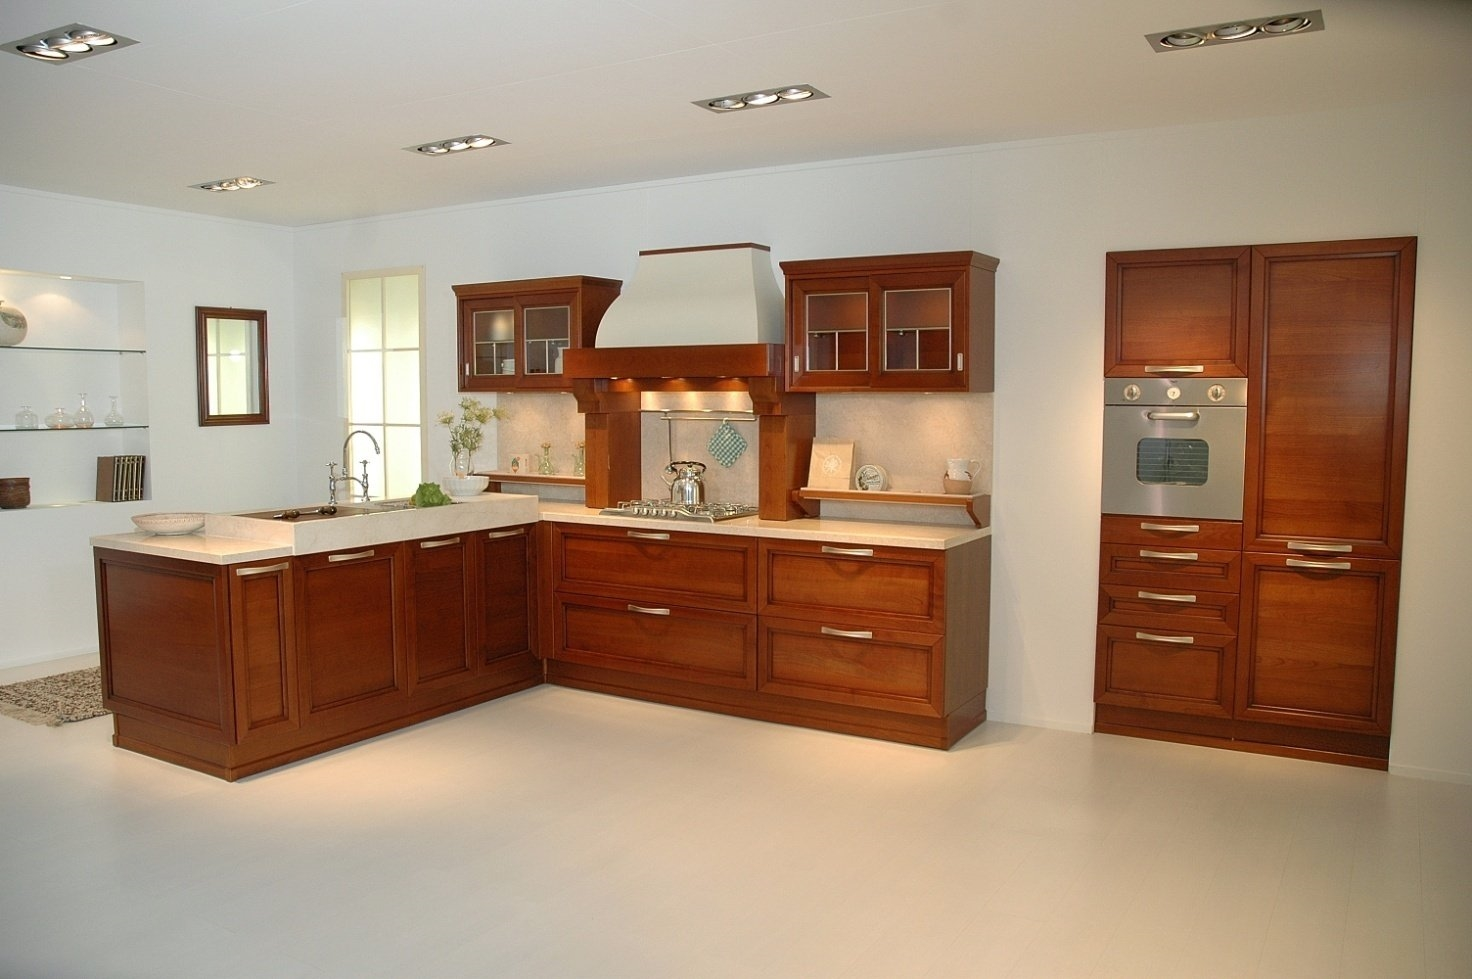 Cucina snaidero scontata 6916 cucine a prezzi scontati - Cucine in ciliegio moderne ...